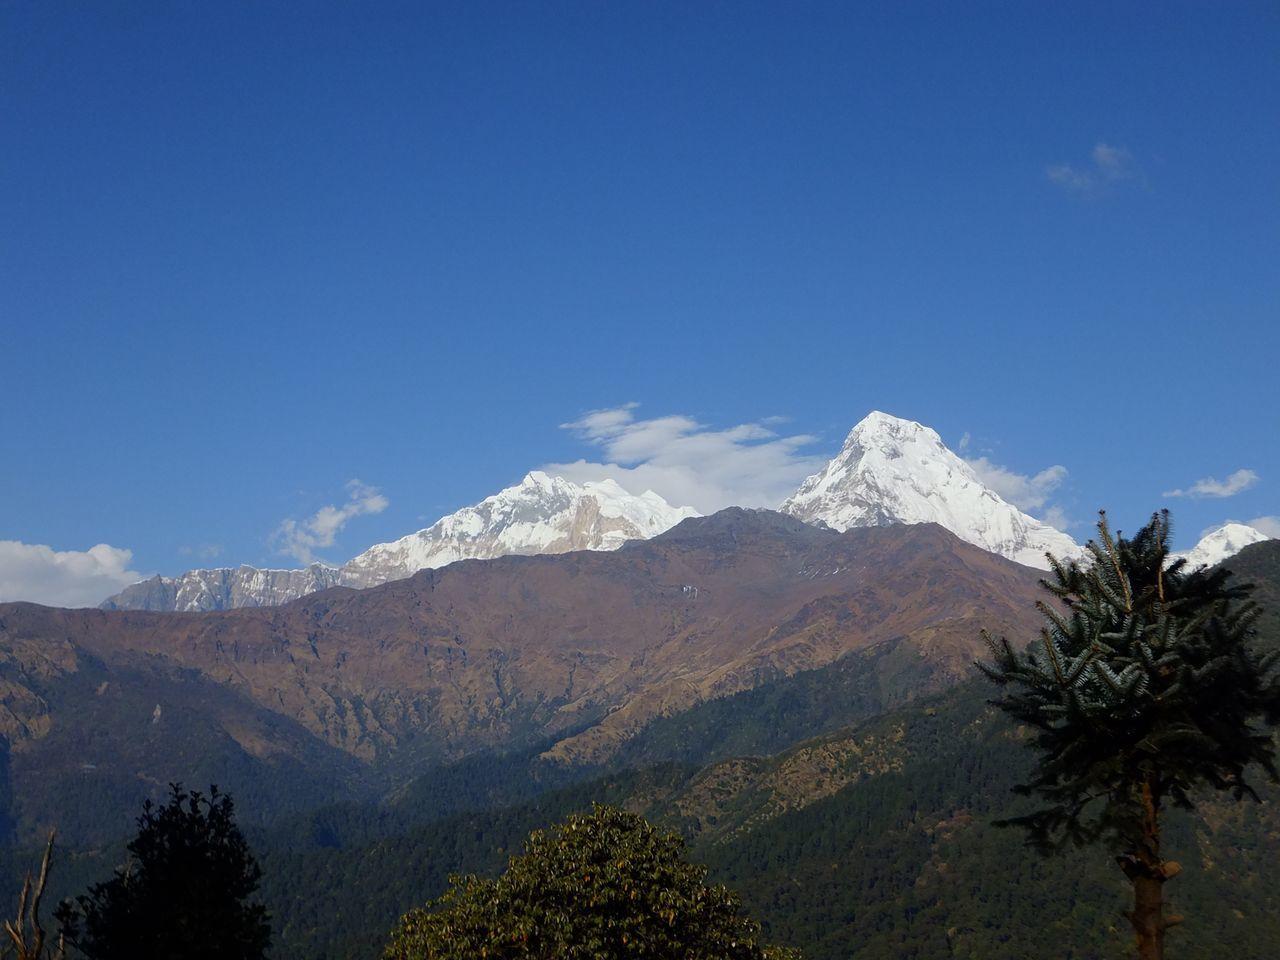 Les majestueuses montagnes de l'Himalaya